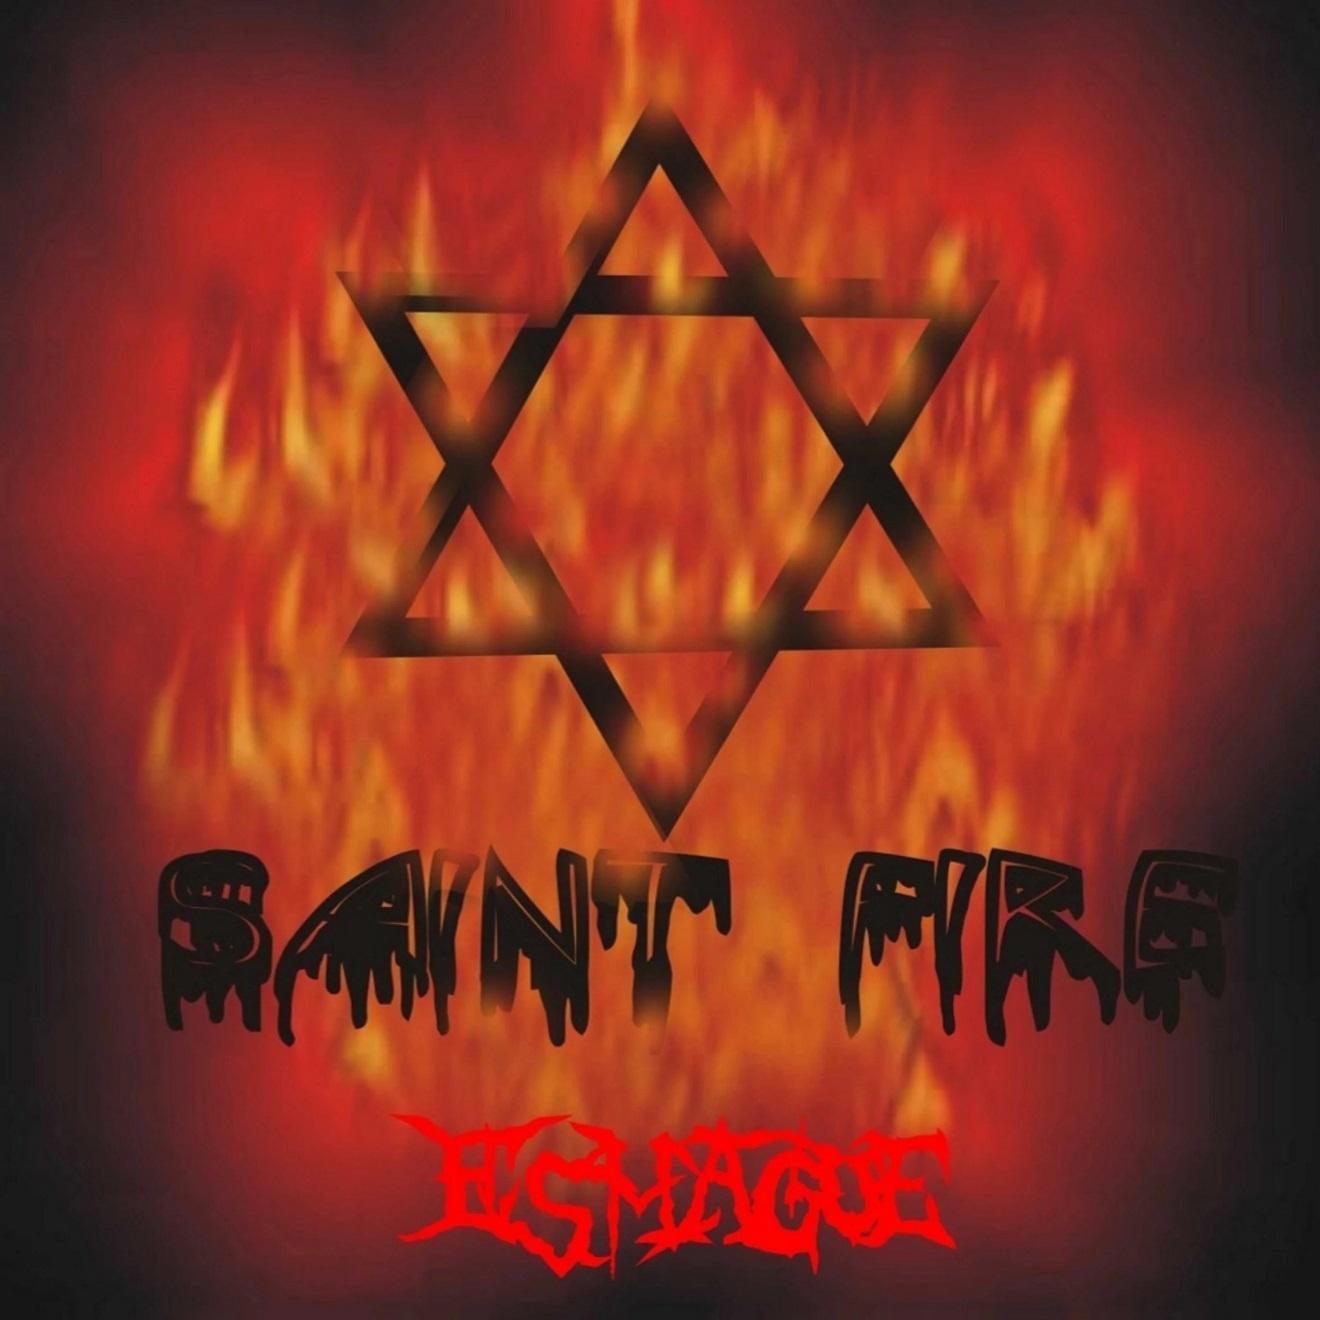 Saint Fire - Esmague